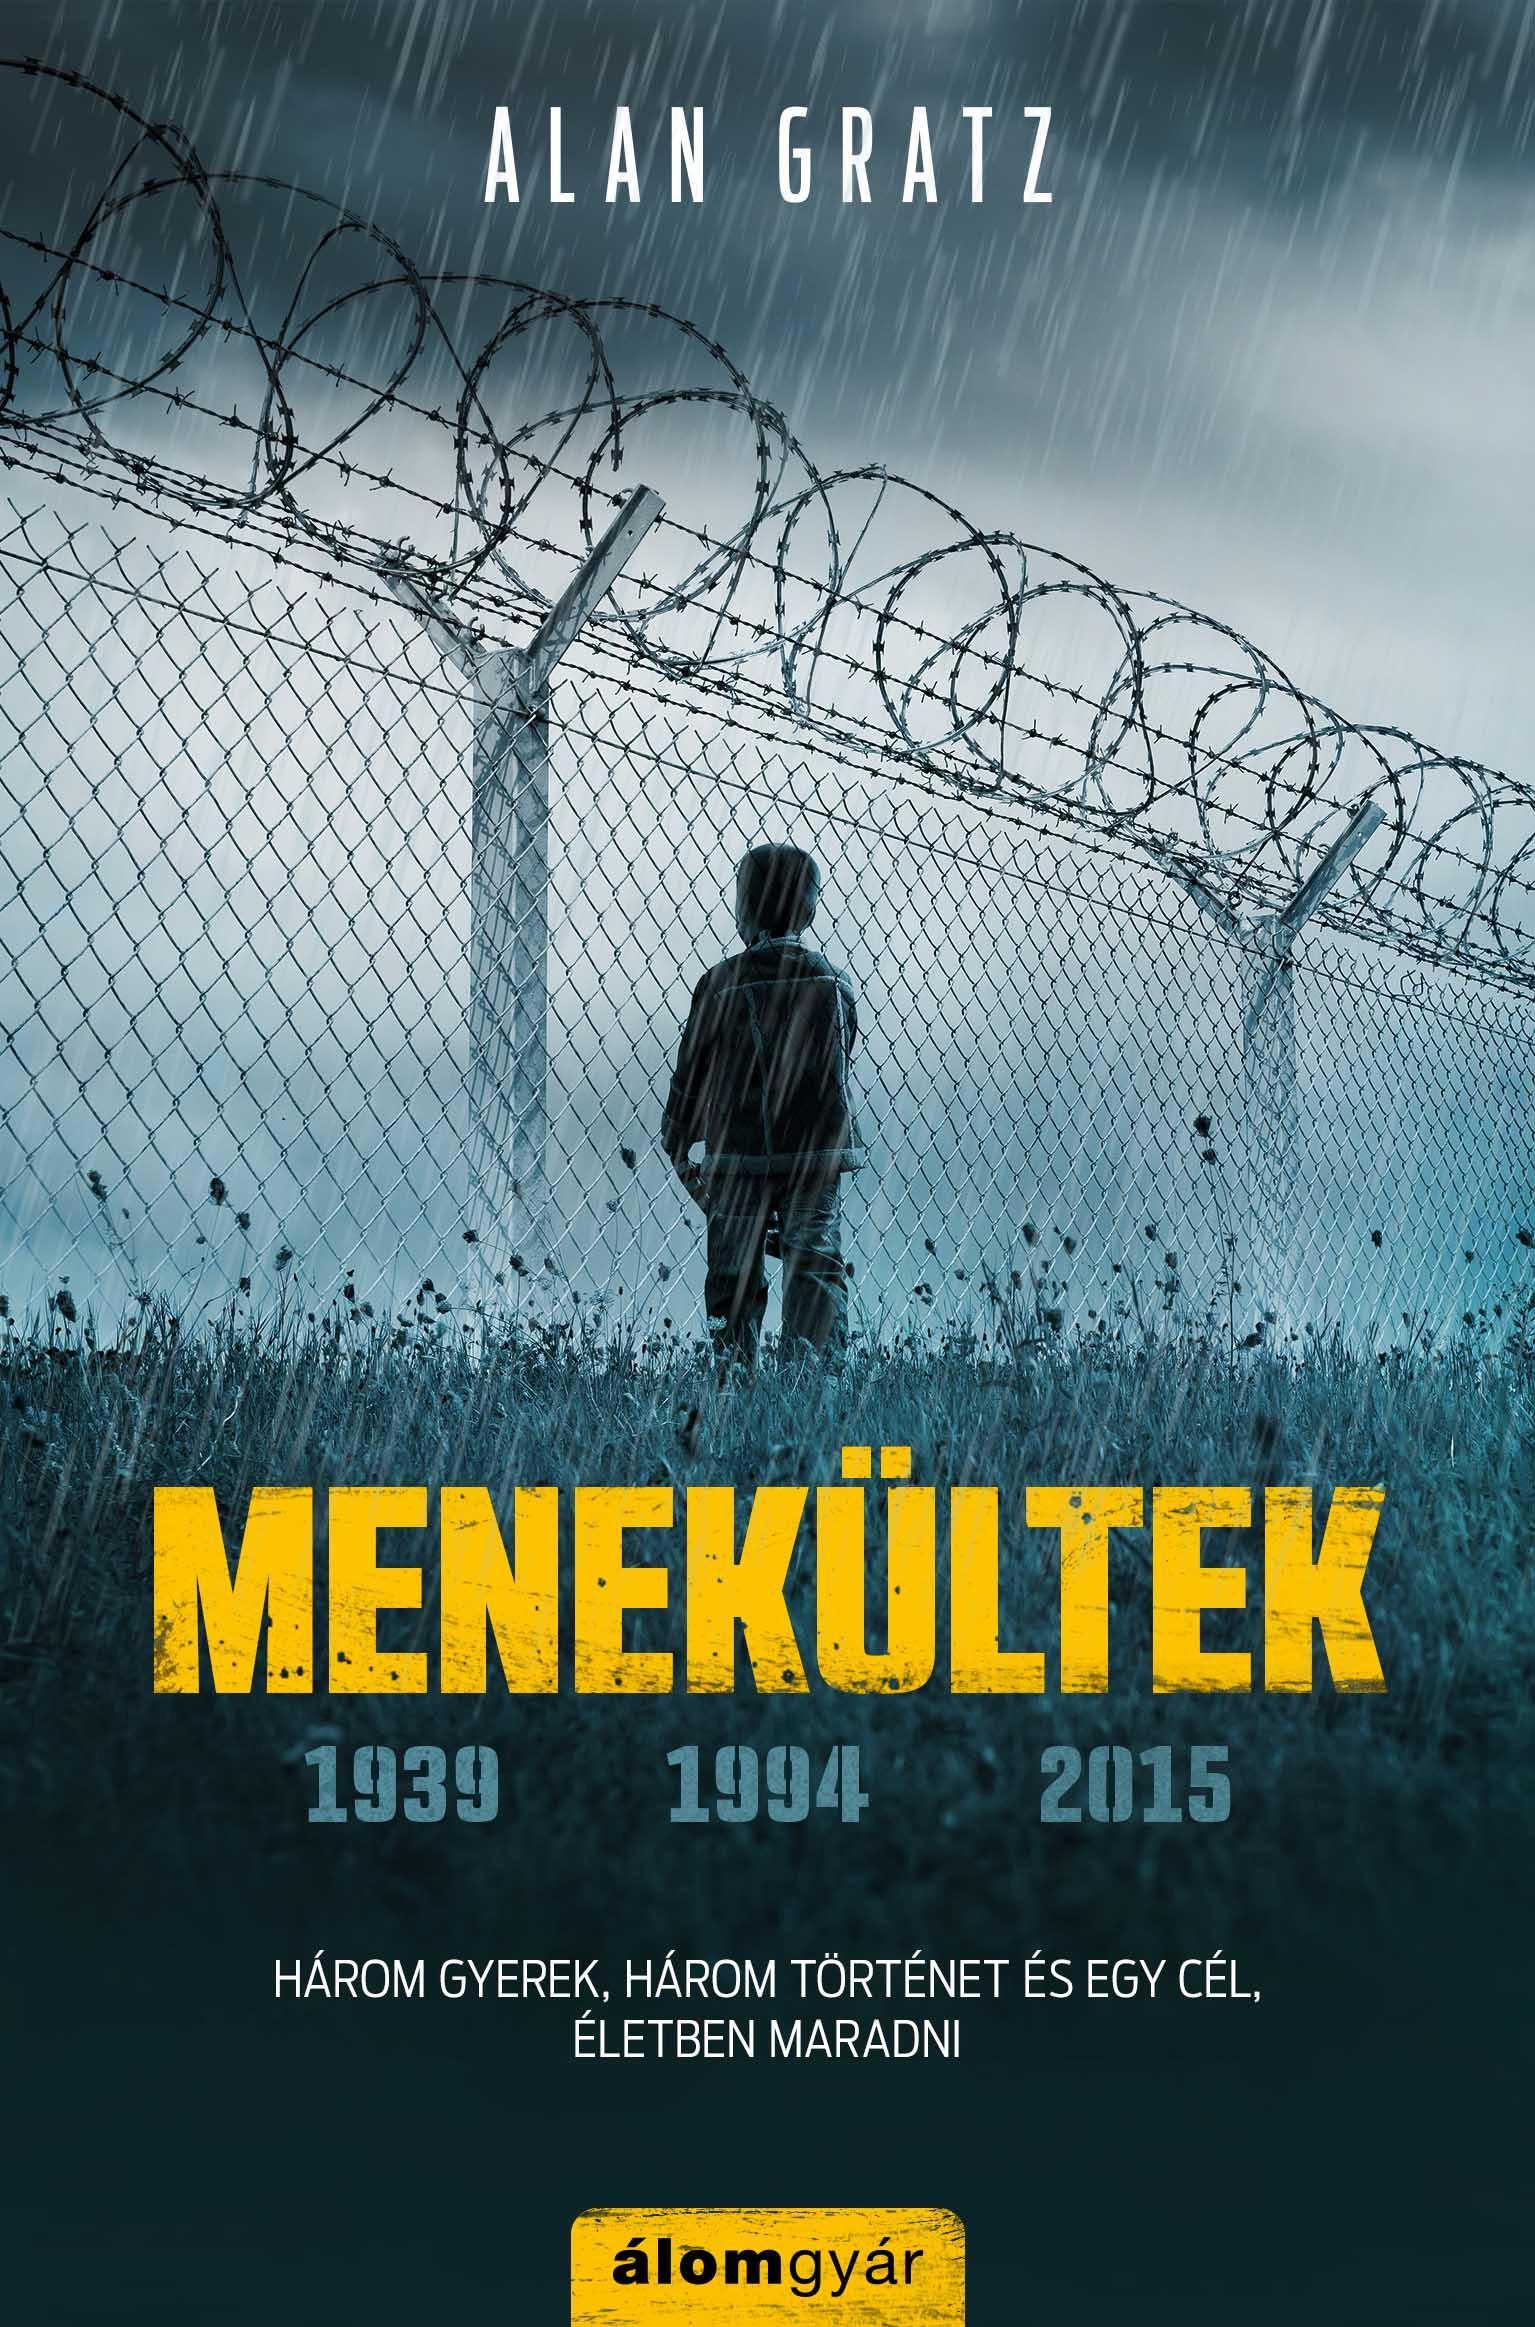 MENEKÜLTEK 1939, 1994, 2015